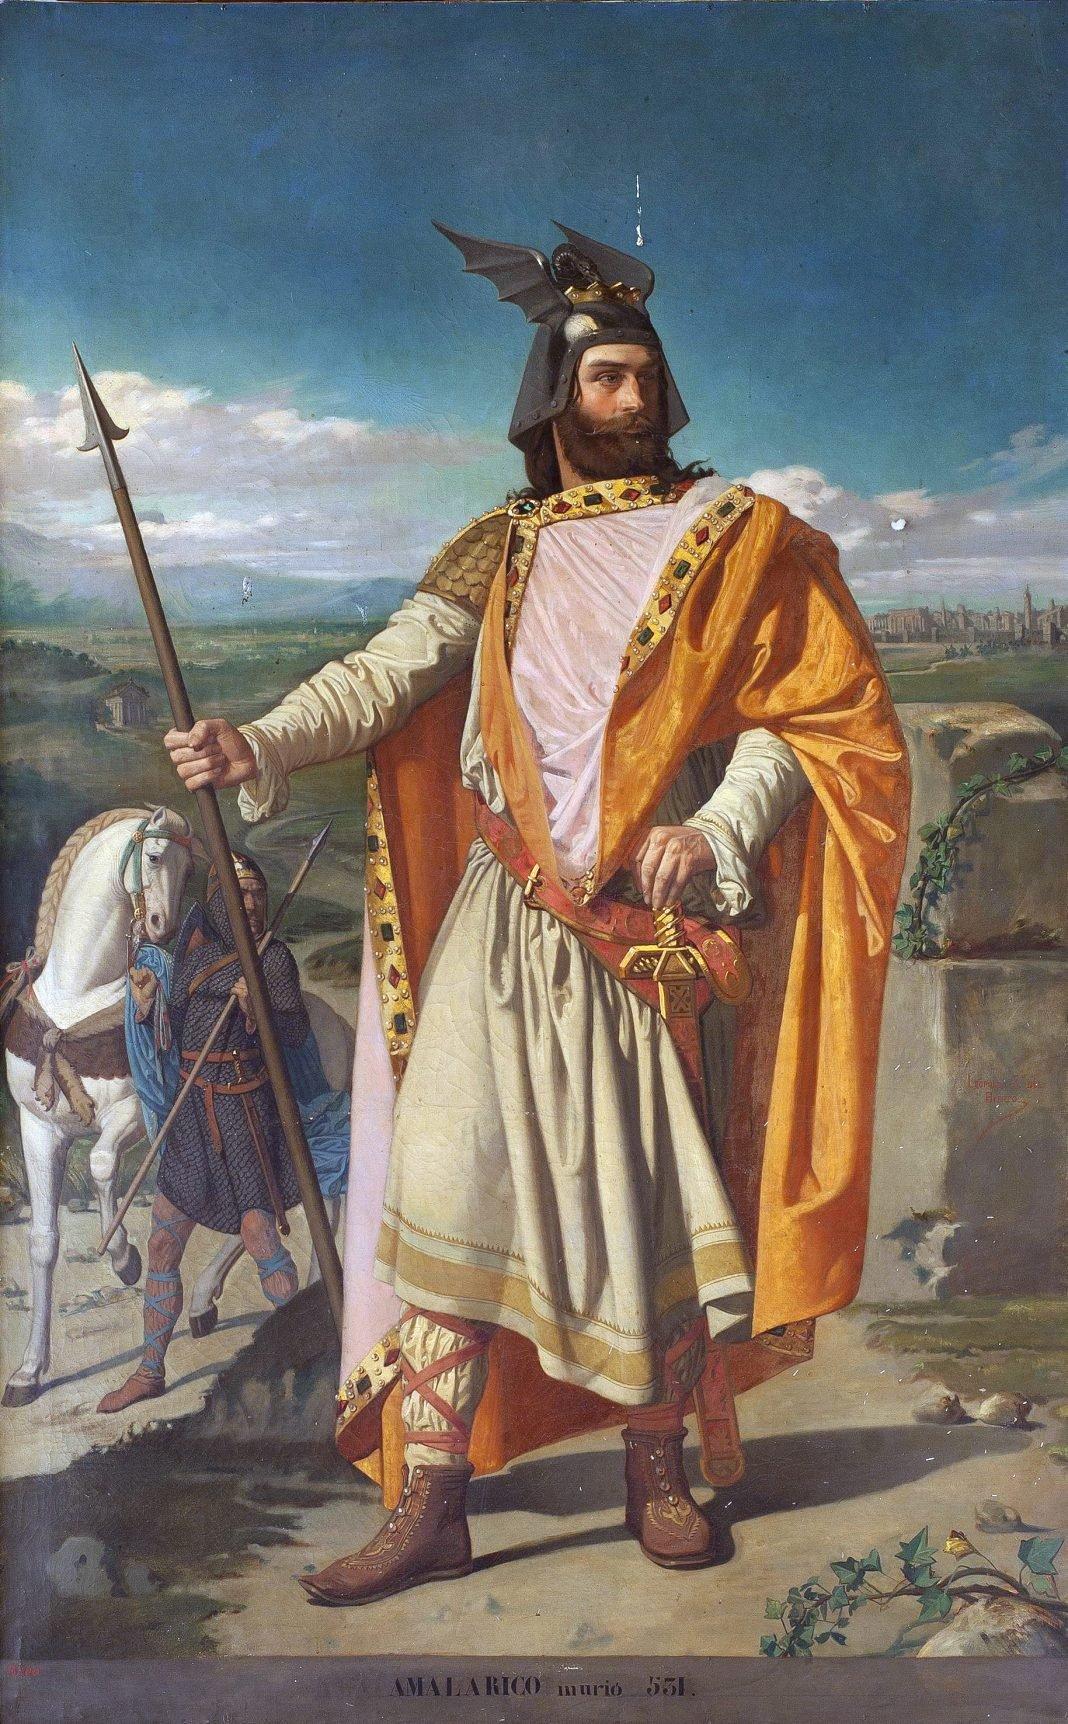 Retrato imaginario de Amalarico († 532), rey de los Visigodos e hijo del rey Alarico II y de la reina Teodegonda. Autor: Leopoldo Sánchez Díaz. Colección del Museo del Prado. (Fuente)